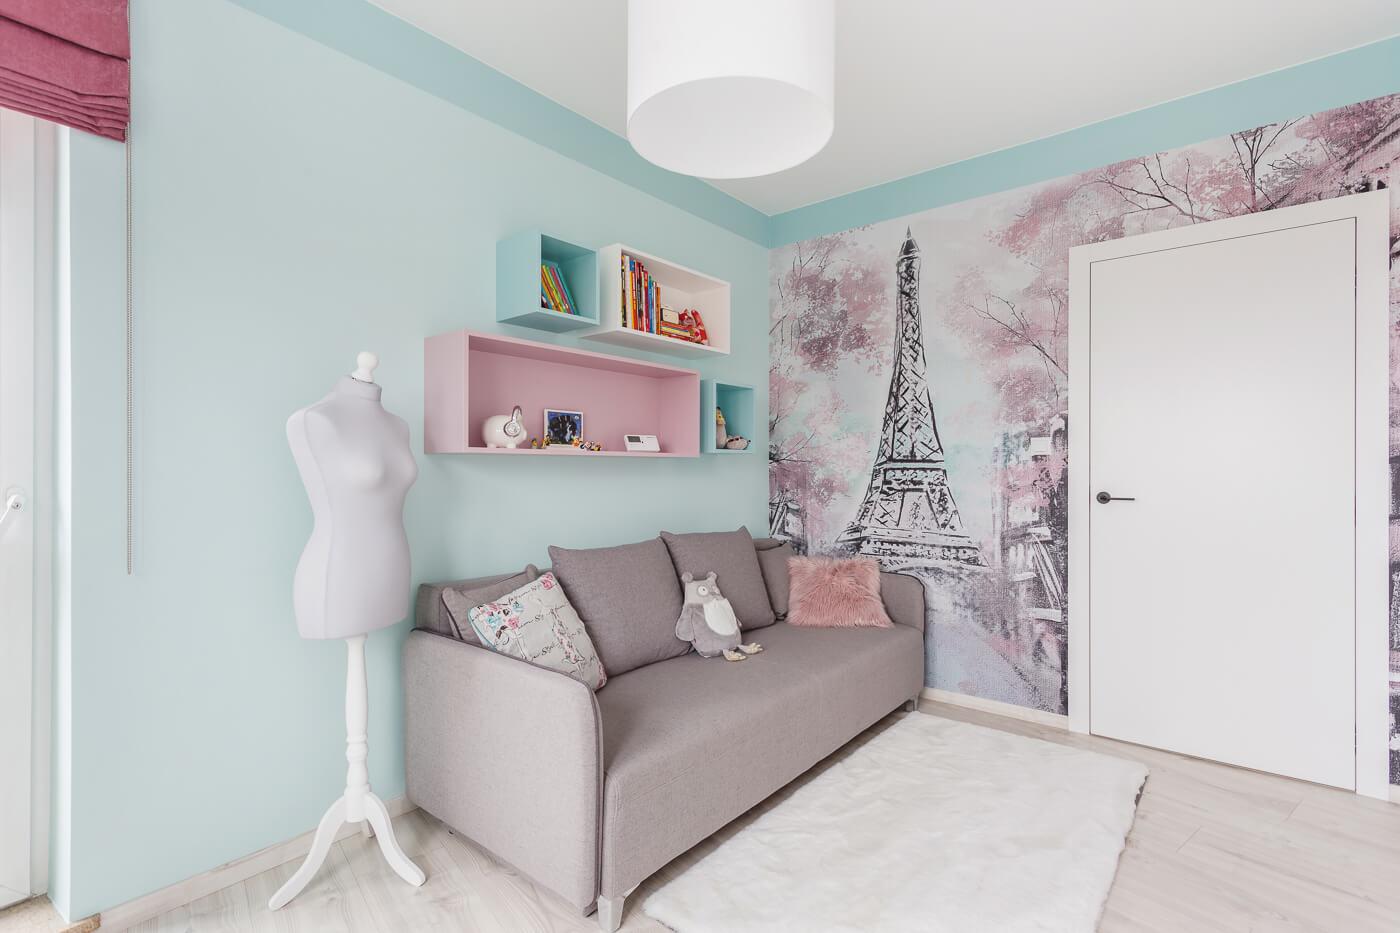 projekt pokoju dla dziewczyny